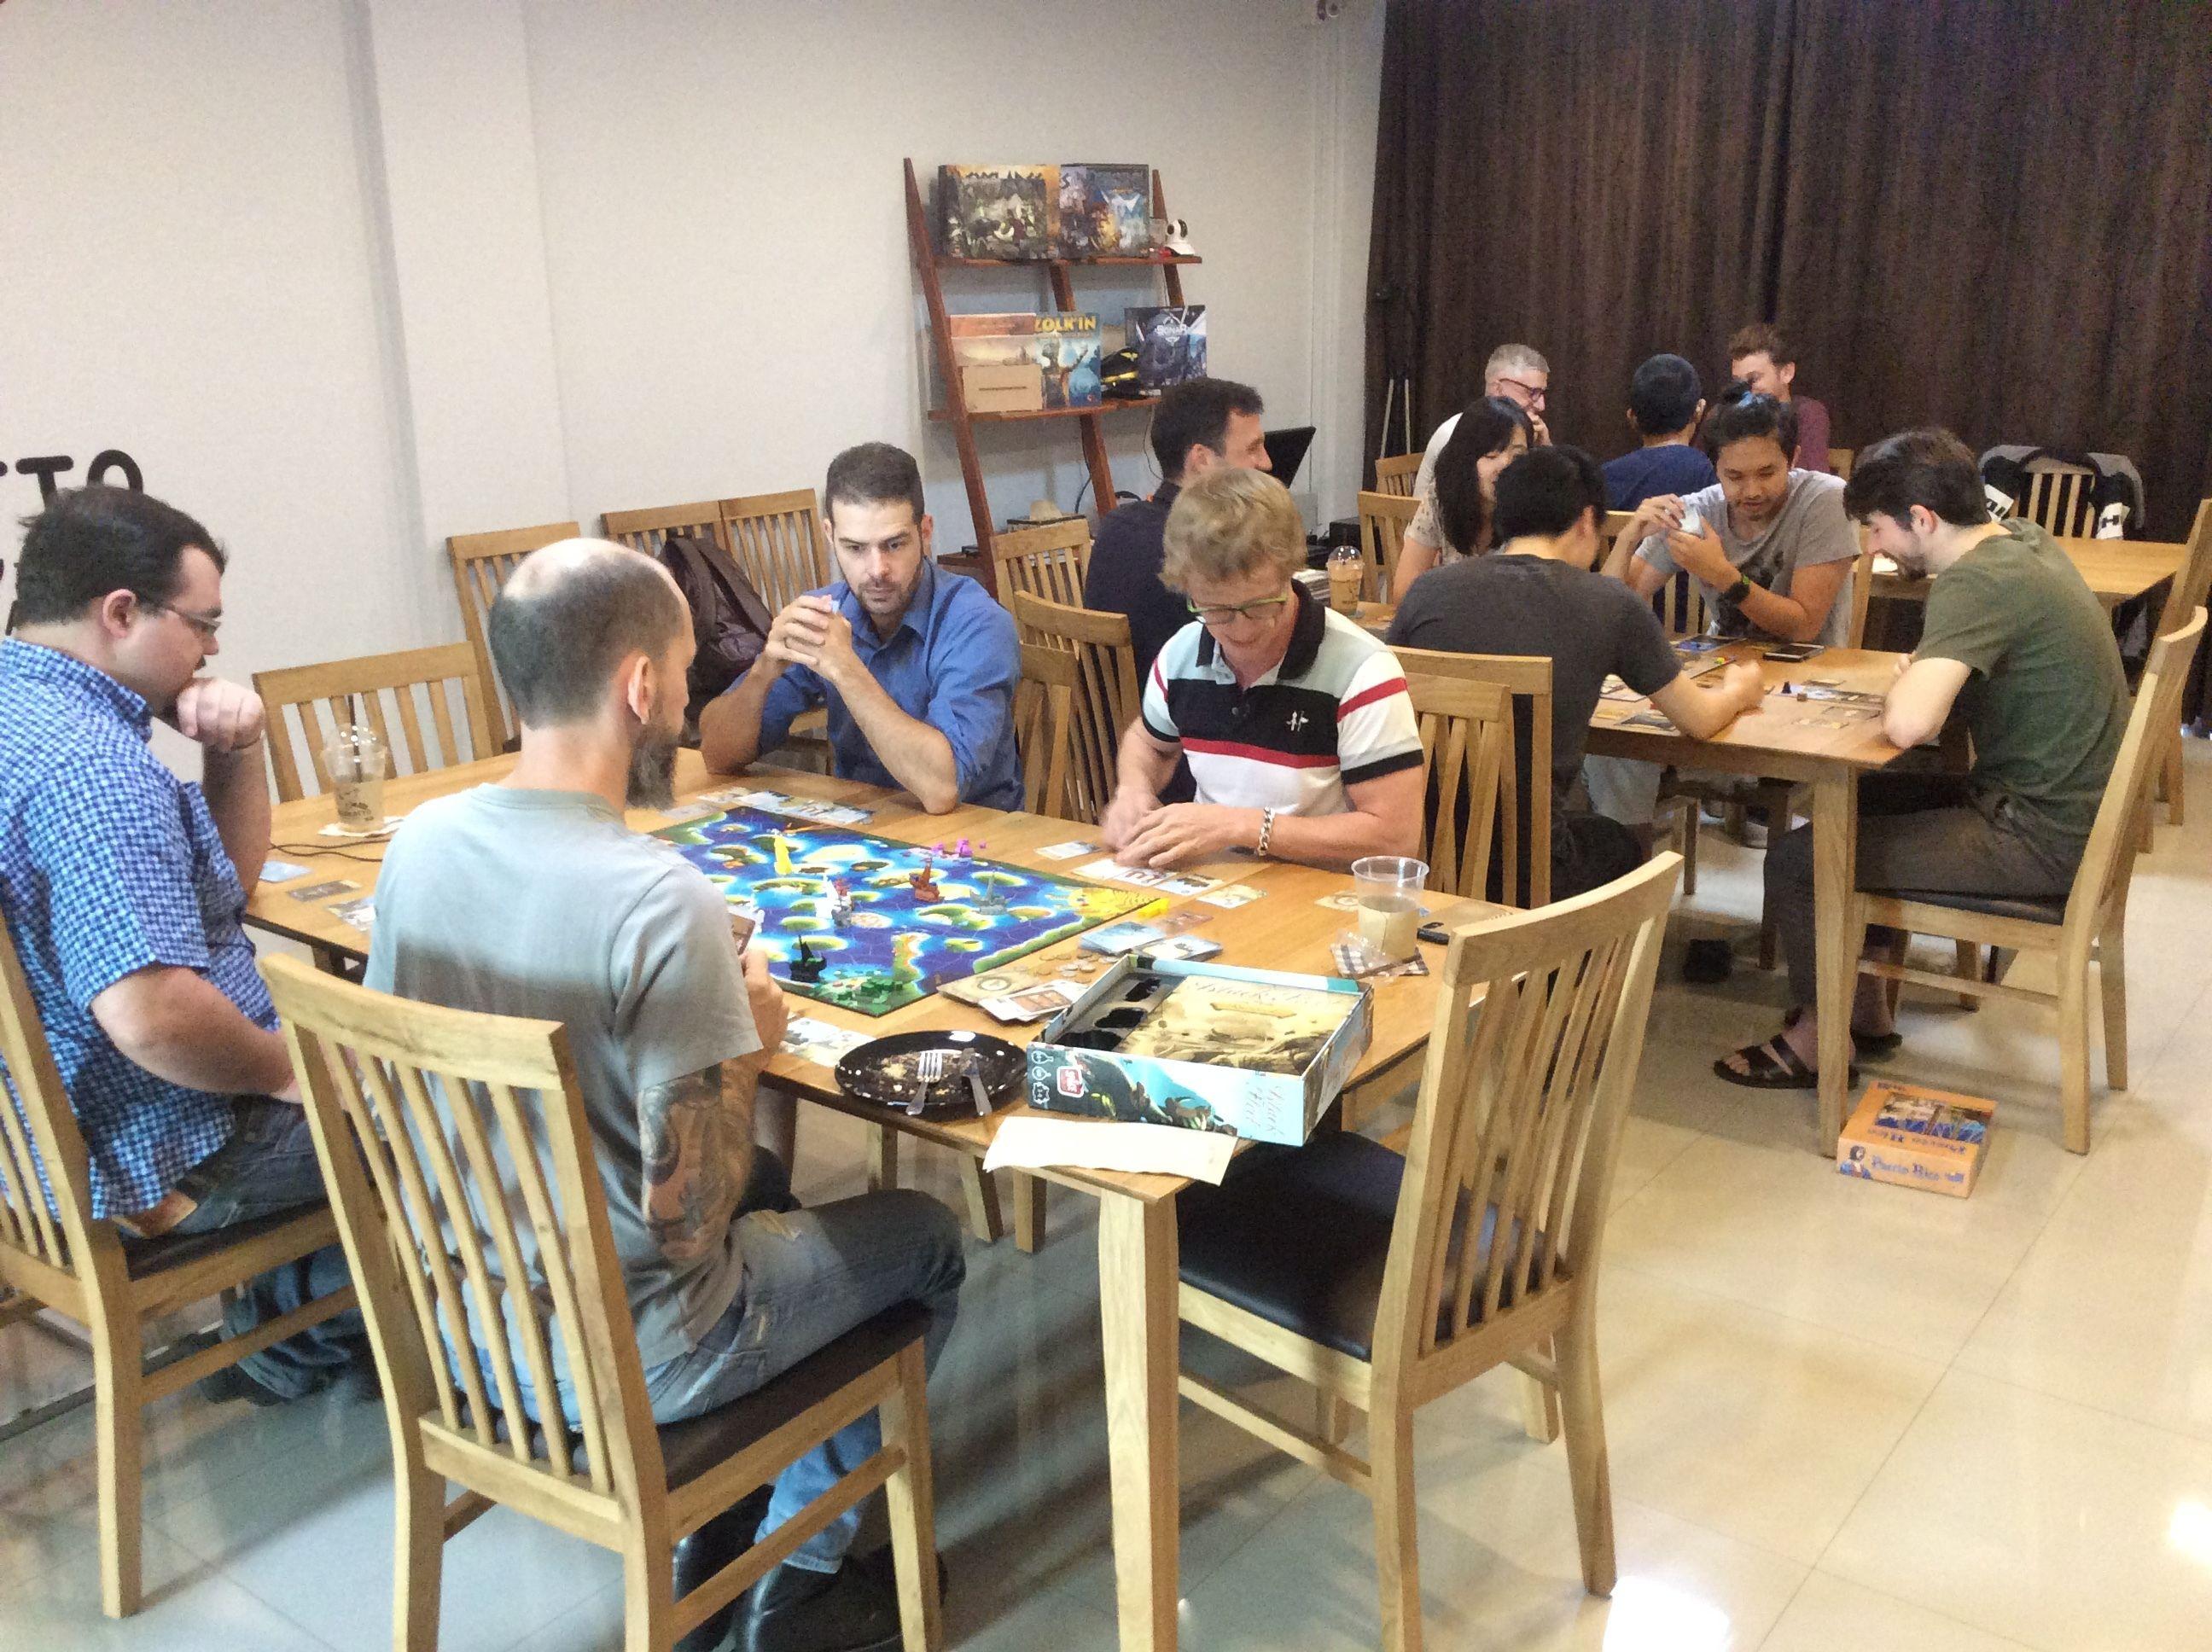 Chiang Mai Board Games Meetup